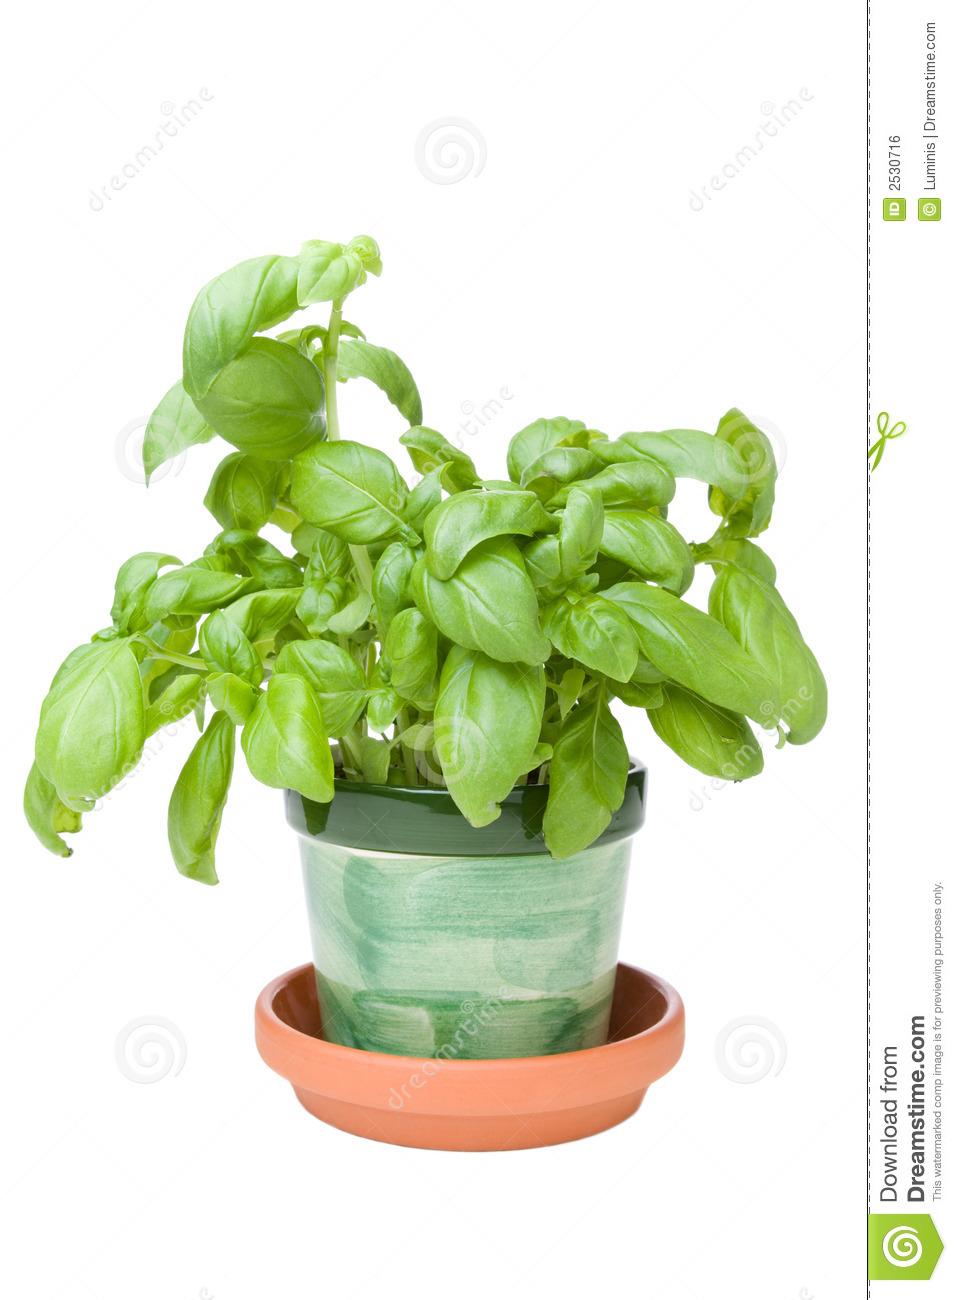 Basil Herb Royalty Free Stock Image   Image  2530716